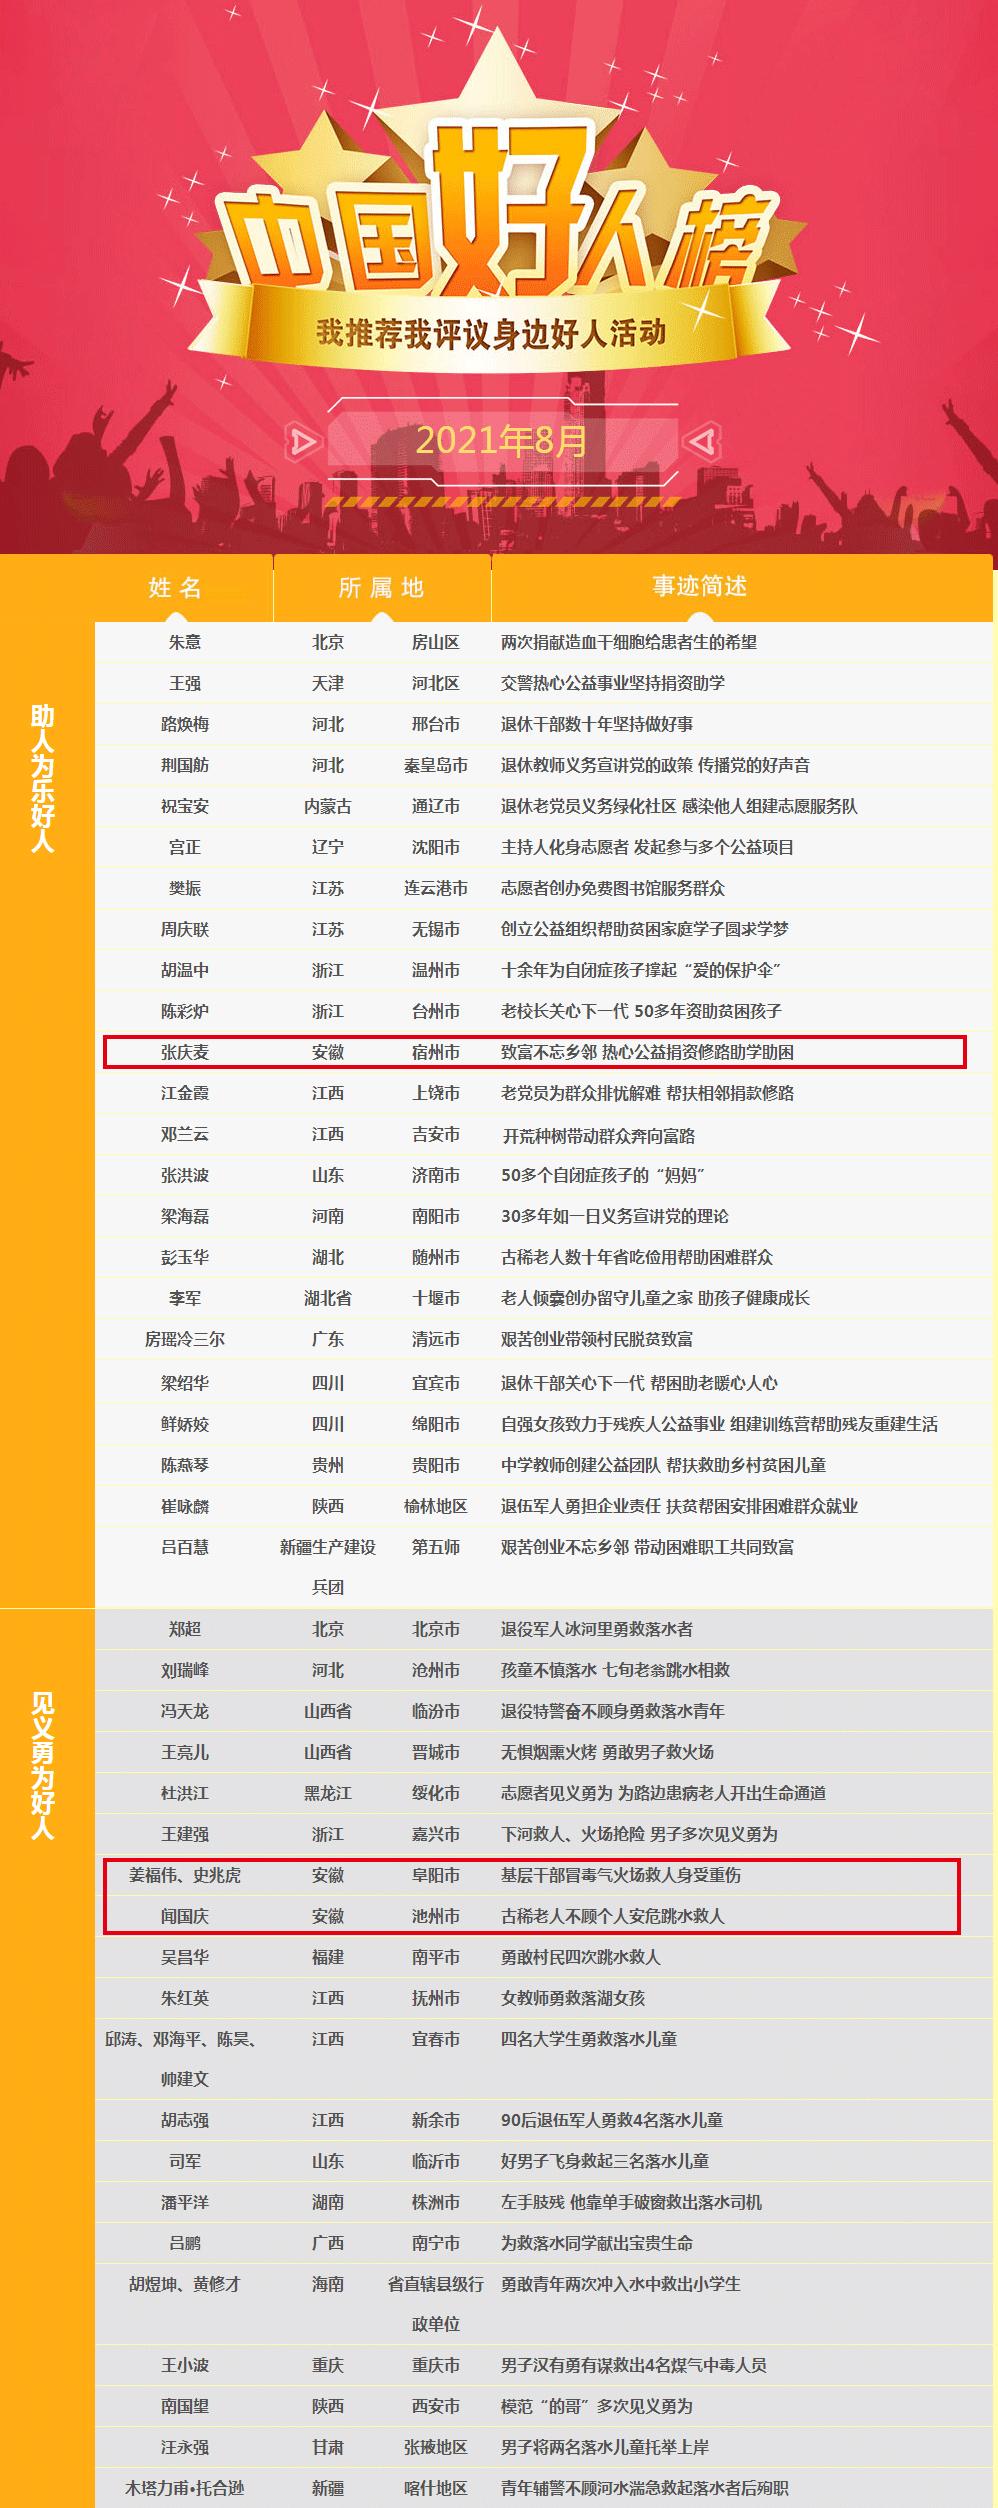 """8月""""中国好人榜""""发布,安徽这些人上榜"""